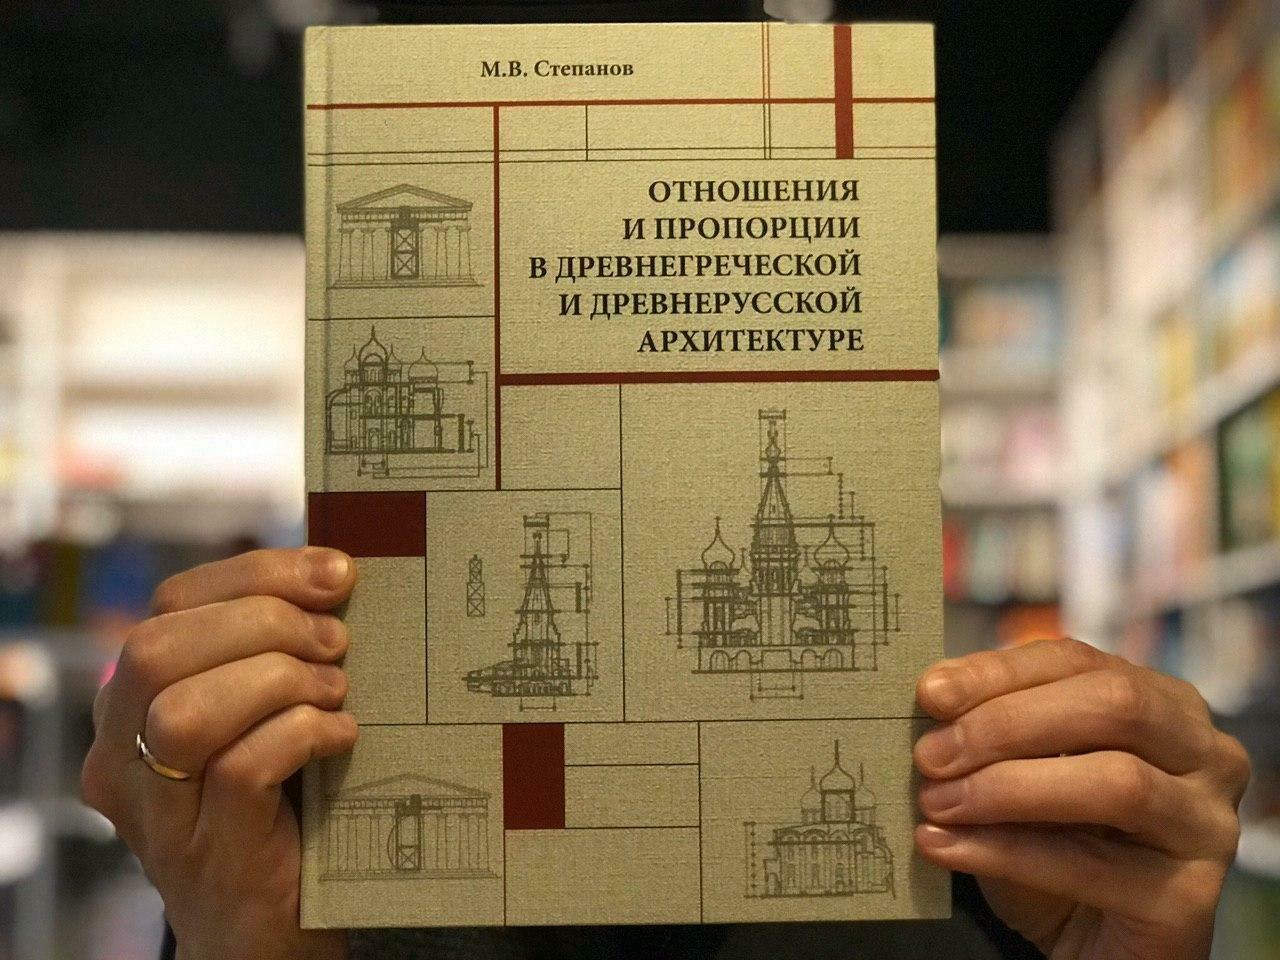 Отношения и пропорции в древнегреческой и древнерусской архитектуры